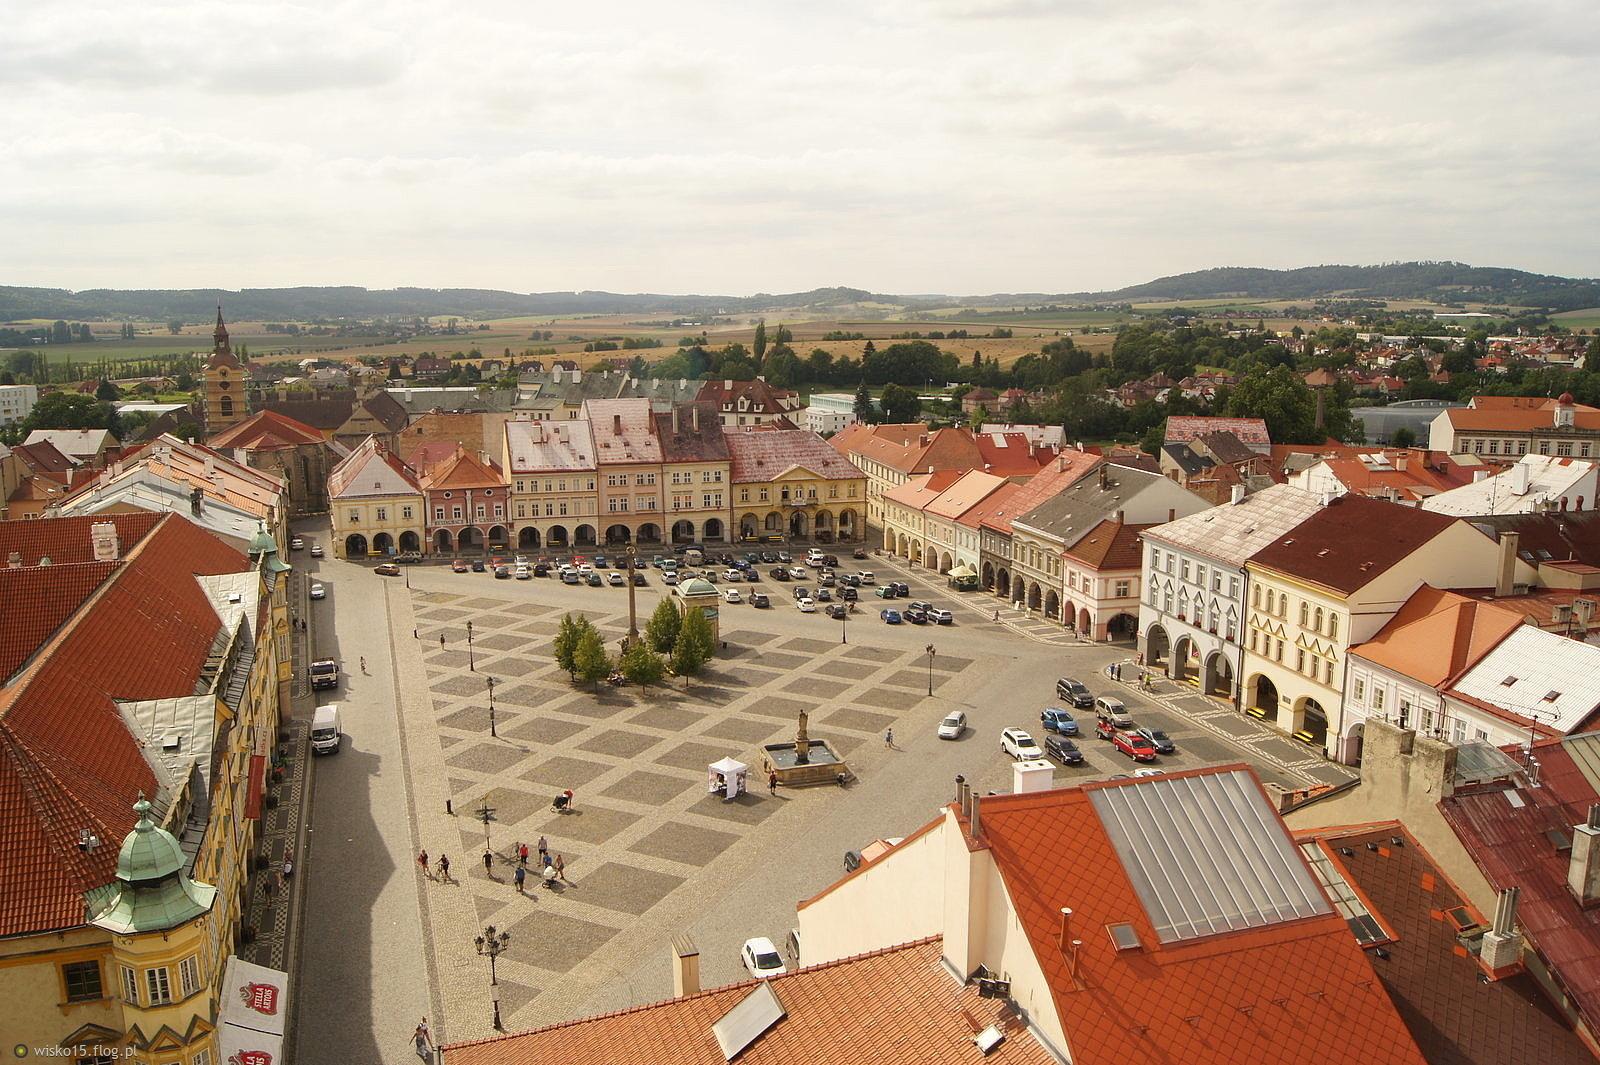 12143142 jiczyn - Piękne miejsca tuż przy granicy z Polską